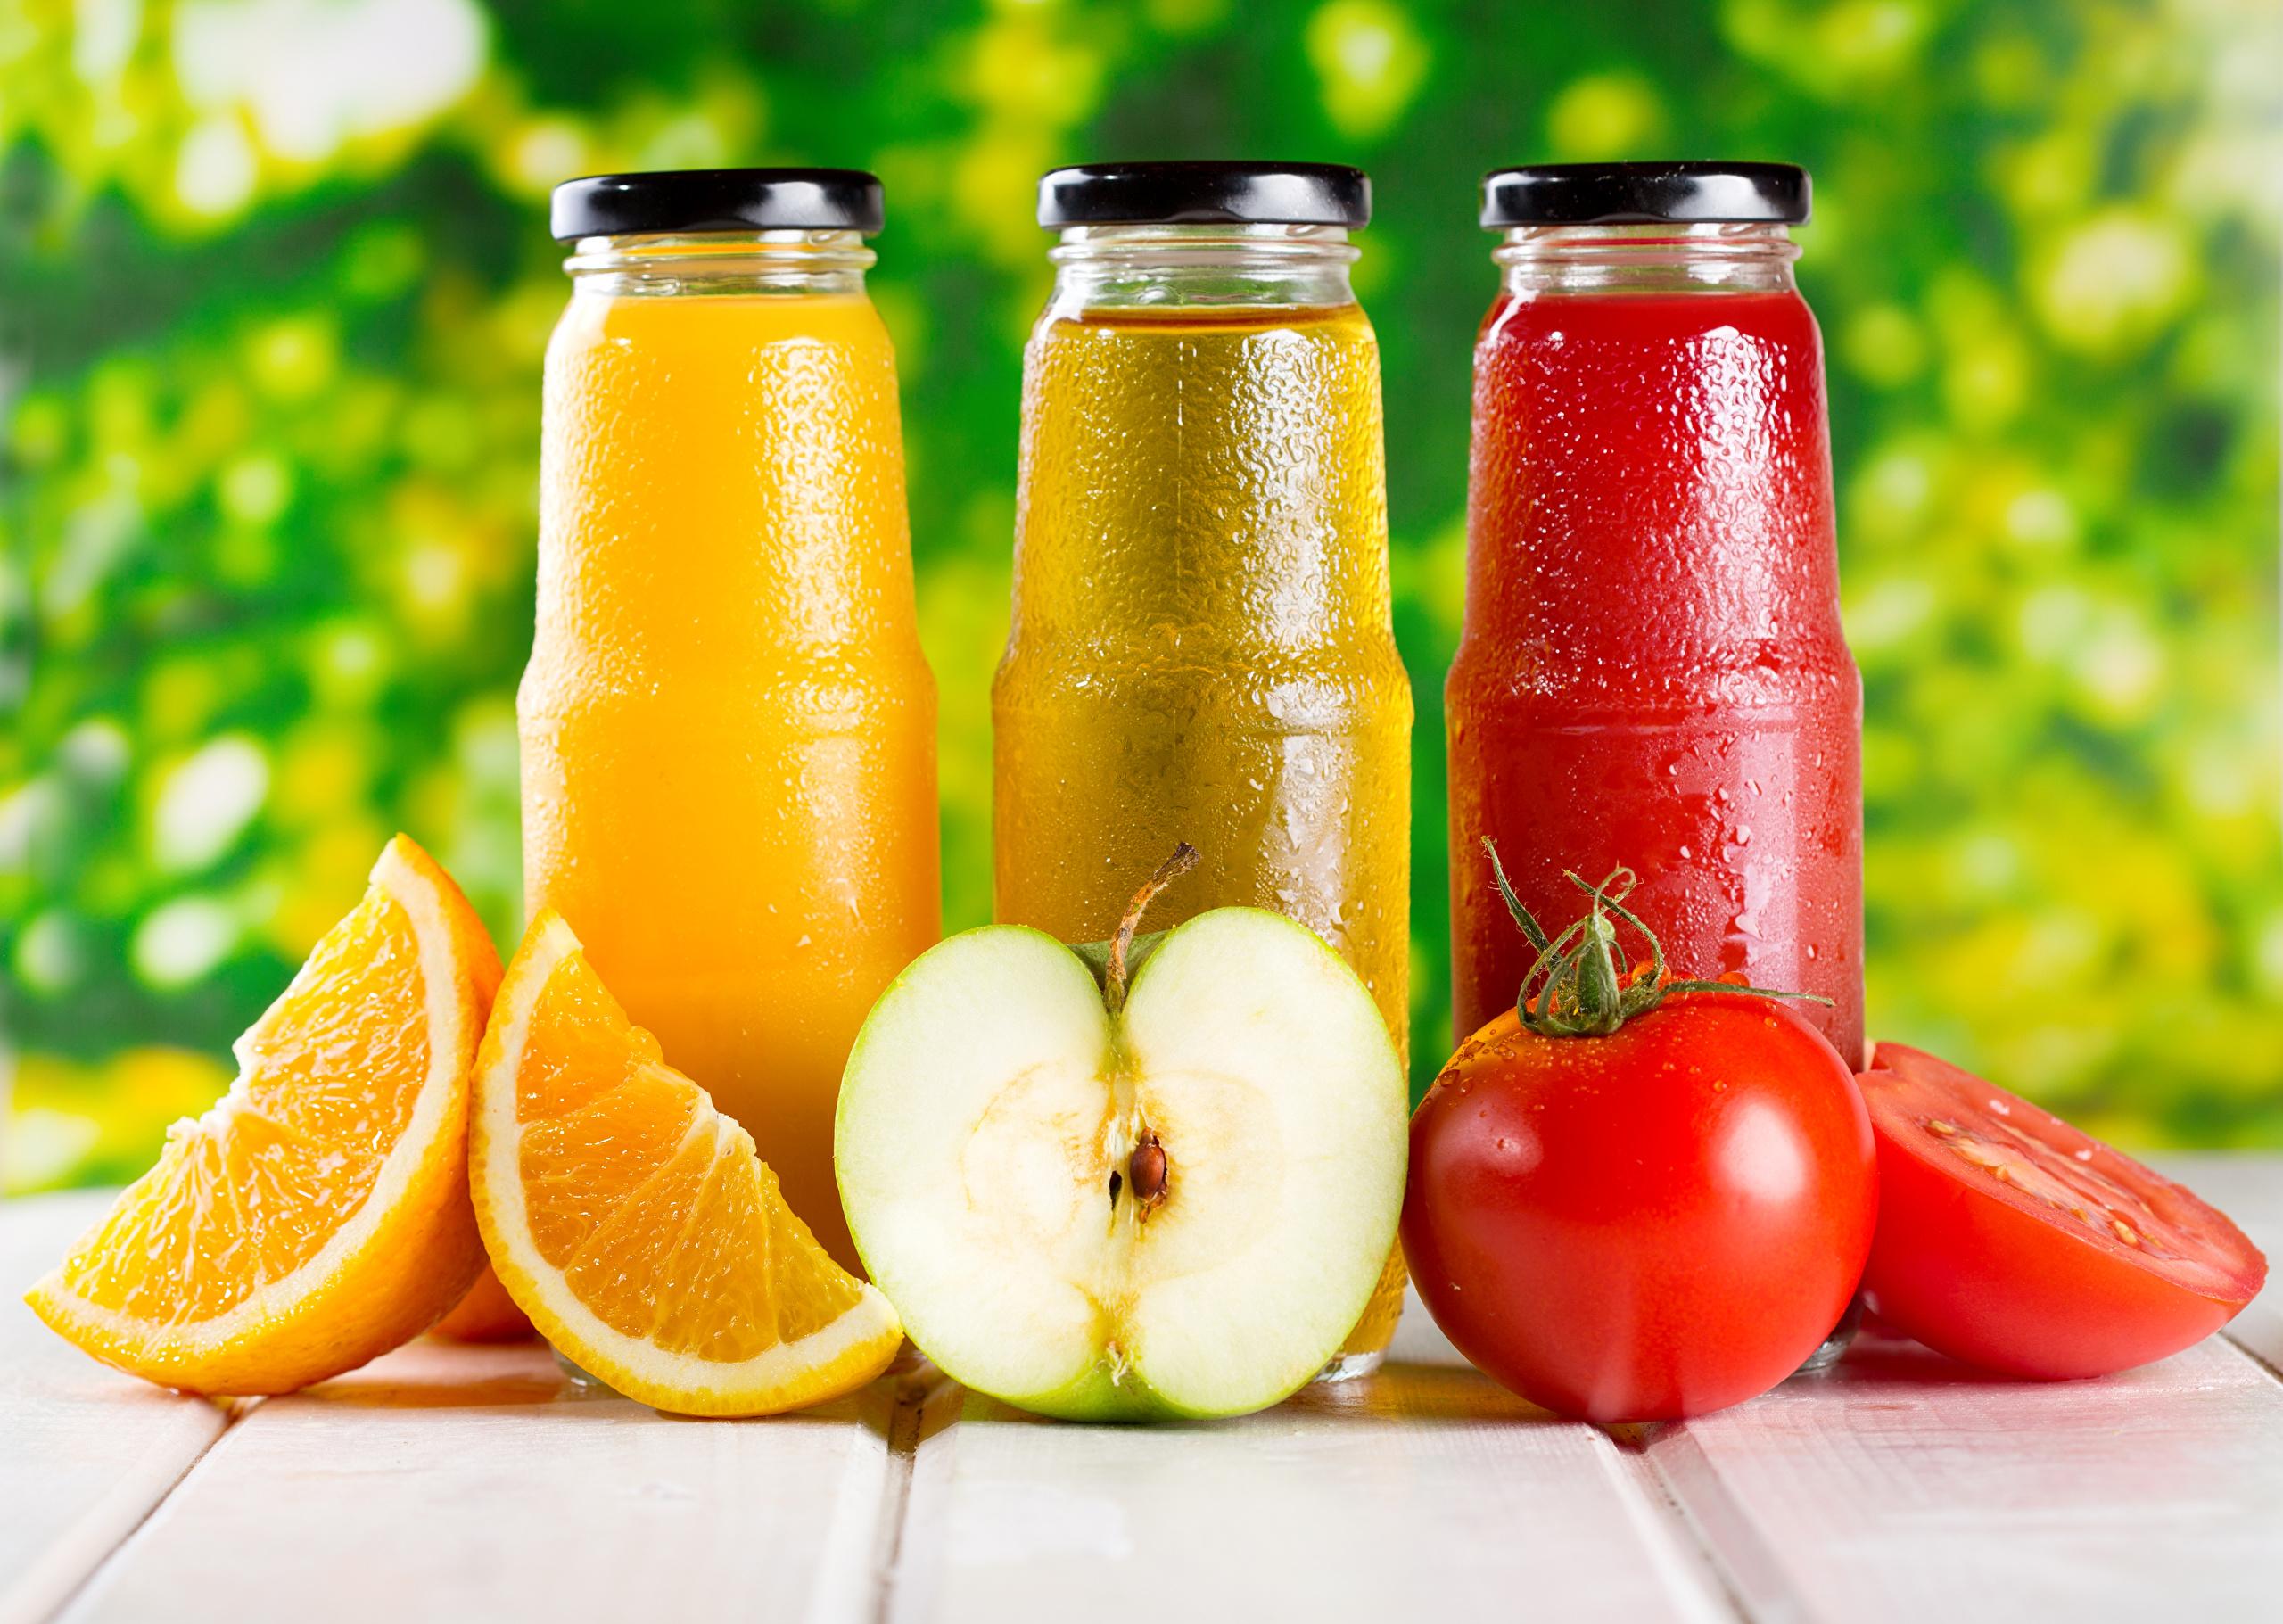 Как приготовить сок в домашних условиях? Агропромышленный 15